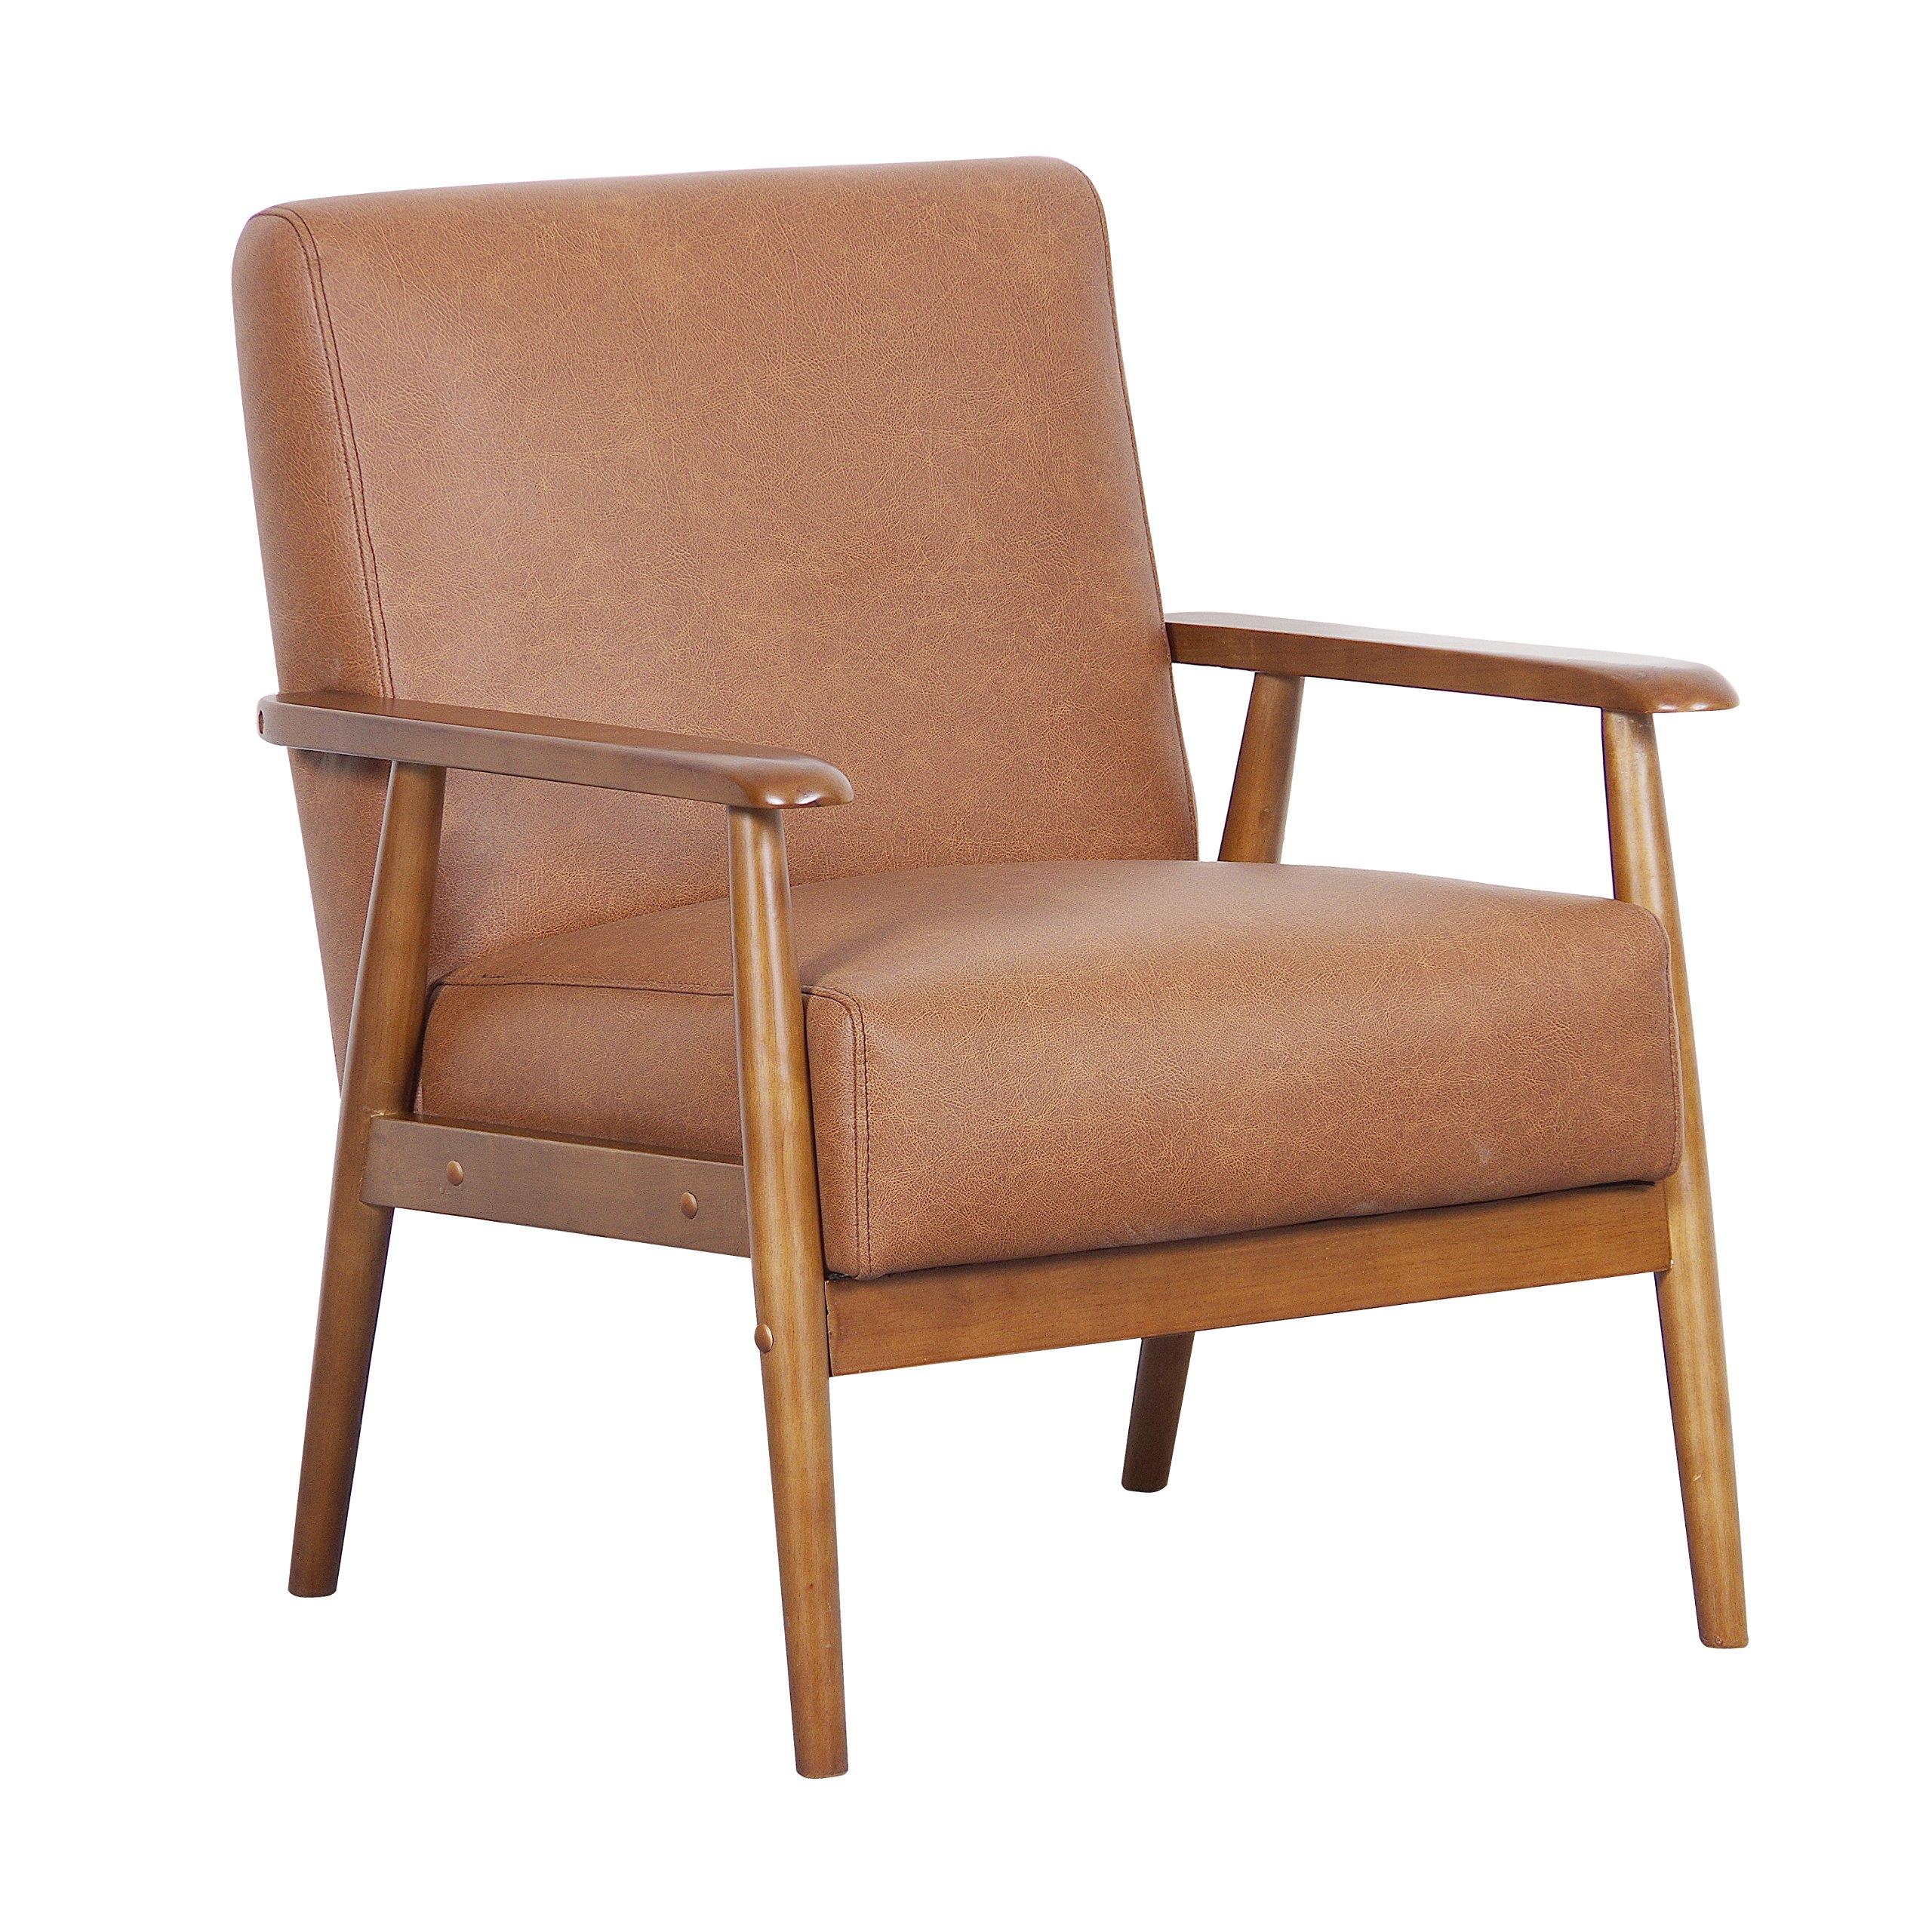 Pulaski DS-D030003-329 Wood Frame Faux Leather Accent Chair, 25.38'' x 28.0'' x 30.5'', Cognac Brown by Pulaski